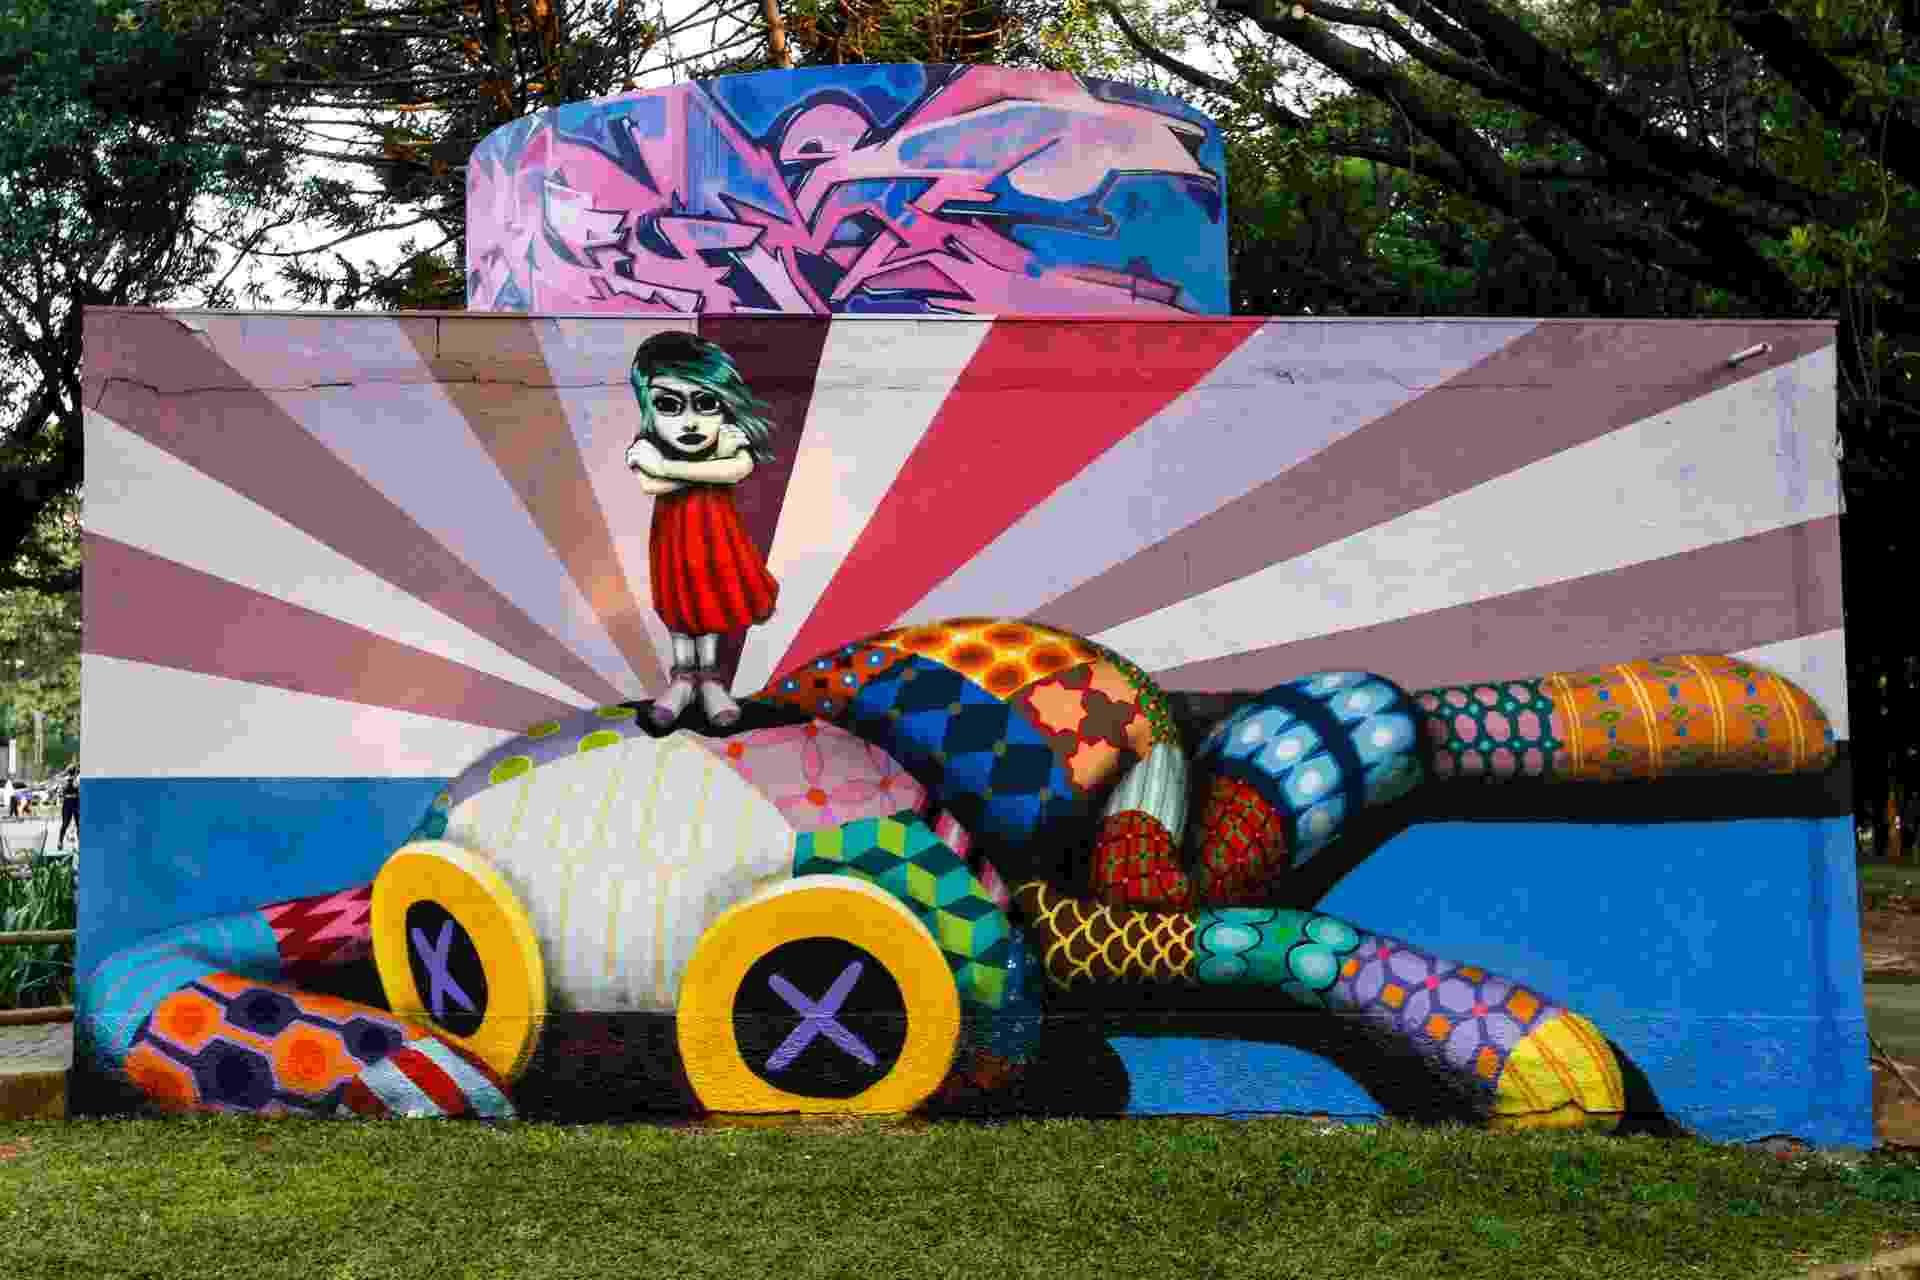 23.mar.2017 - Um projeto realizado por 14 grafiteiros de São Paulo trouxe 11 murais ao entorno de dois banheiros públicos da marquise do Ibirapuera. - Bruno Poletti/Folhapress